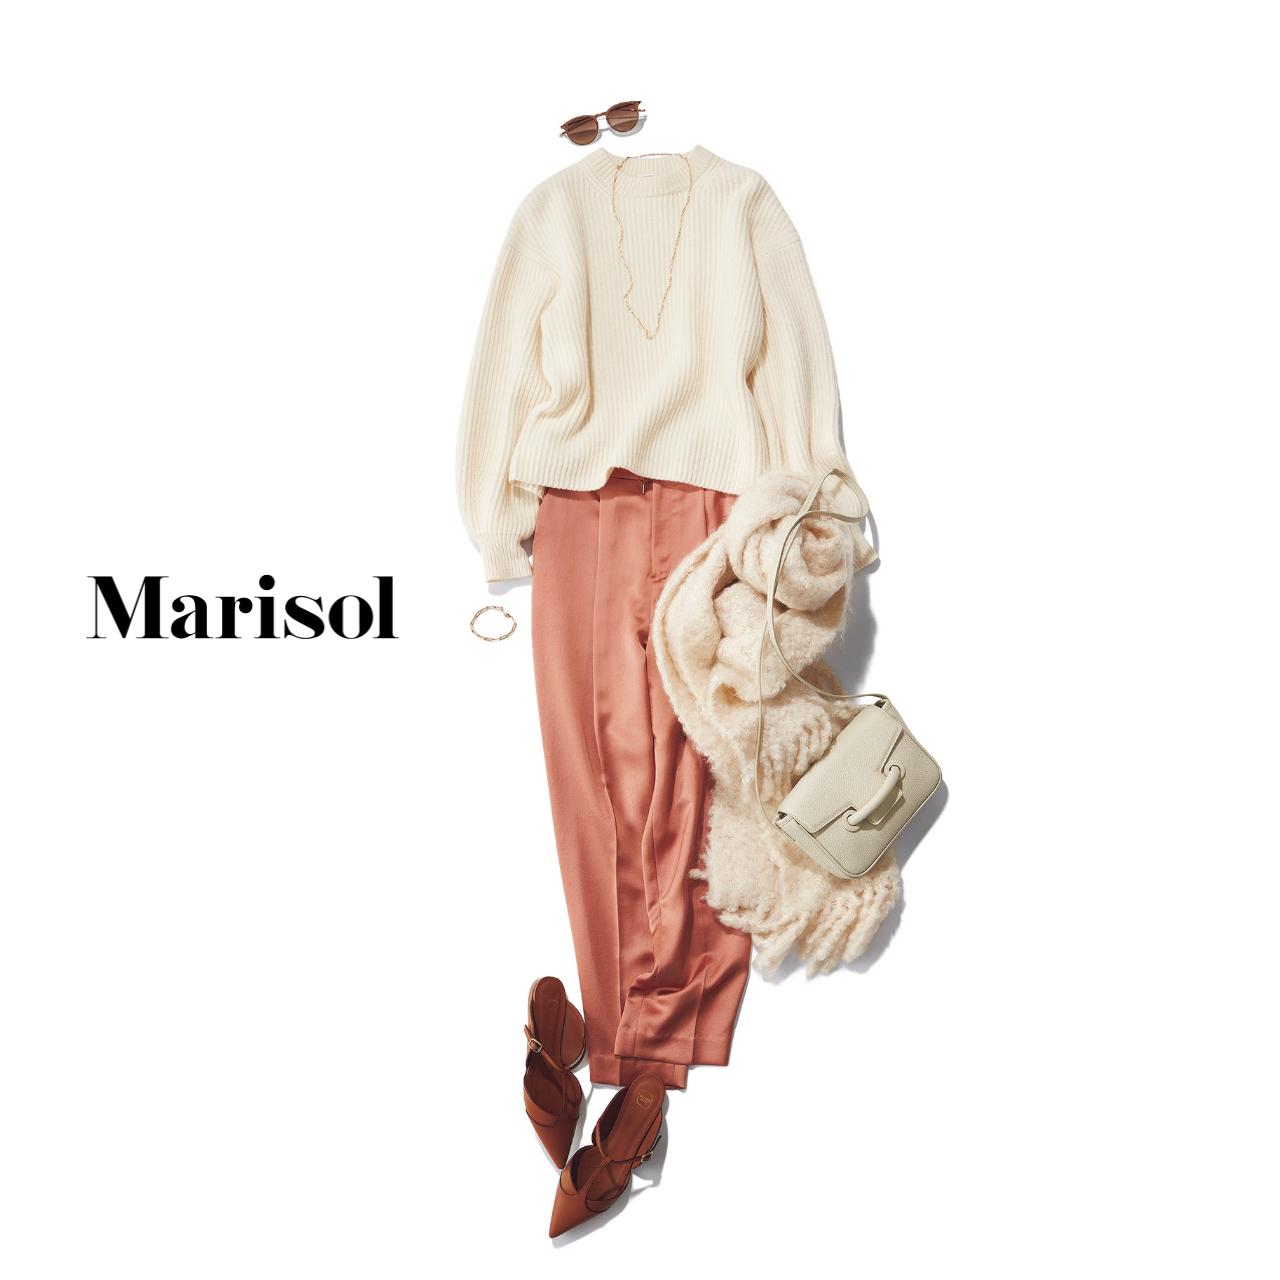 40代ファッション 白ニット×ピンクパンツ×サンダル×ストールコーデ